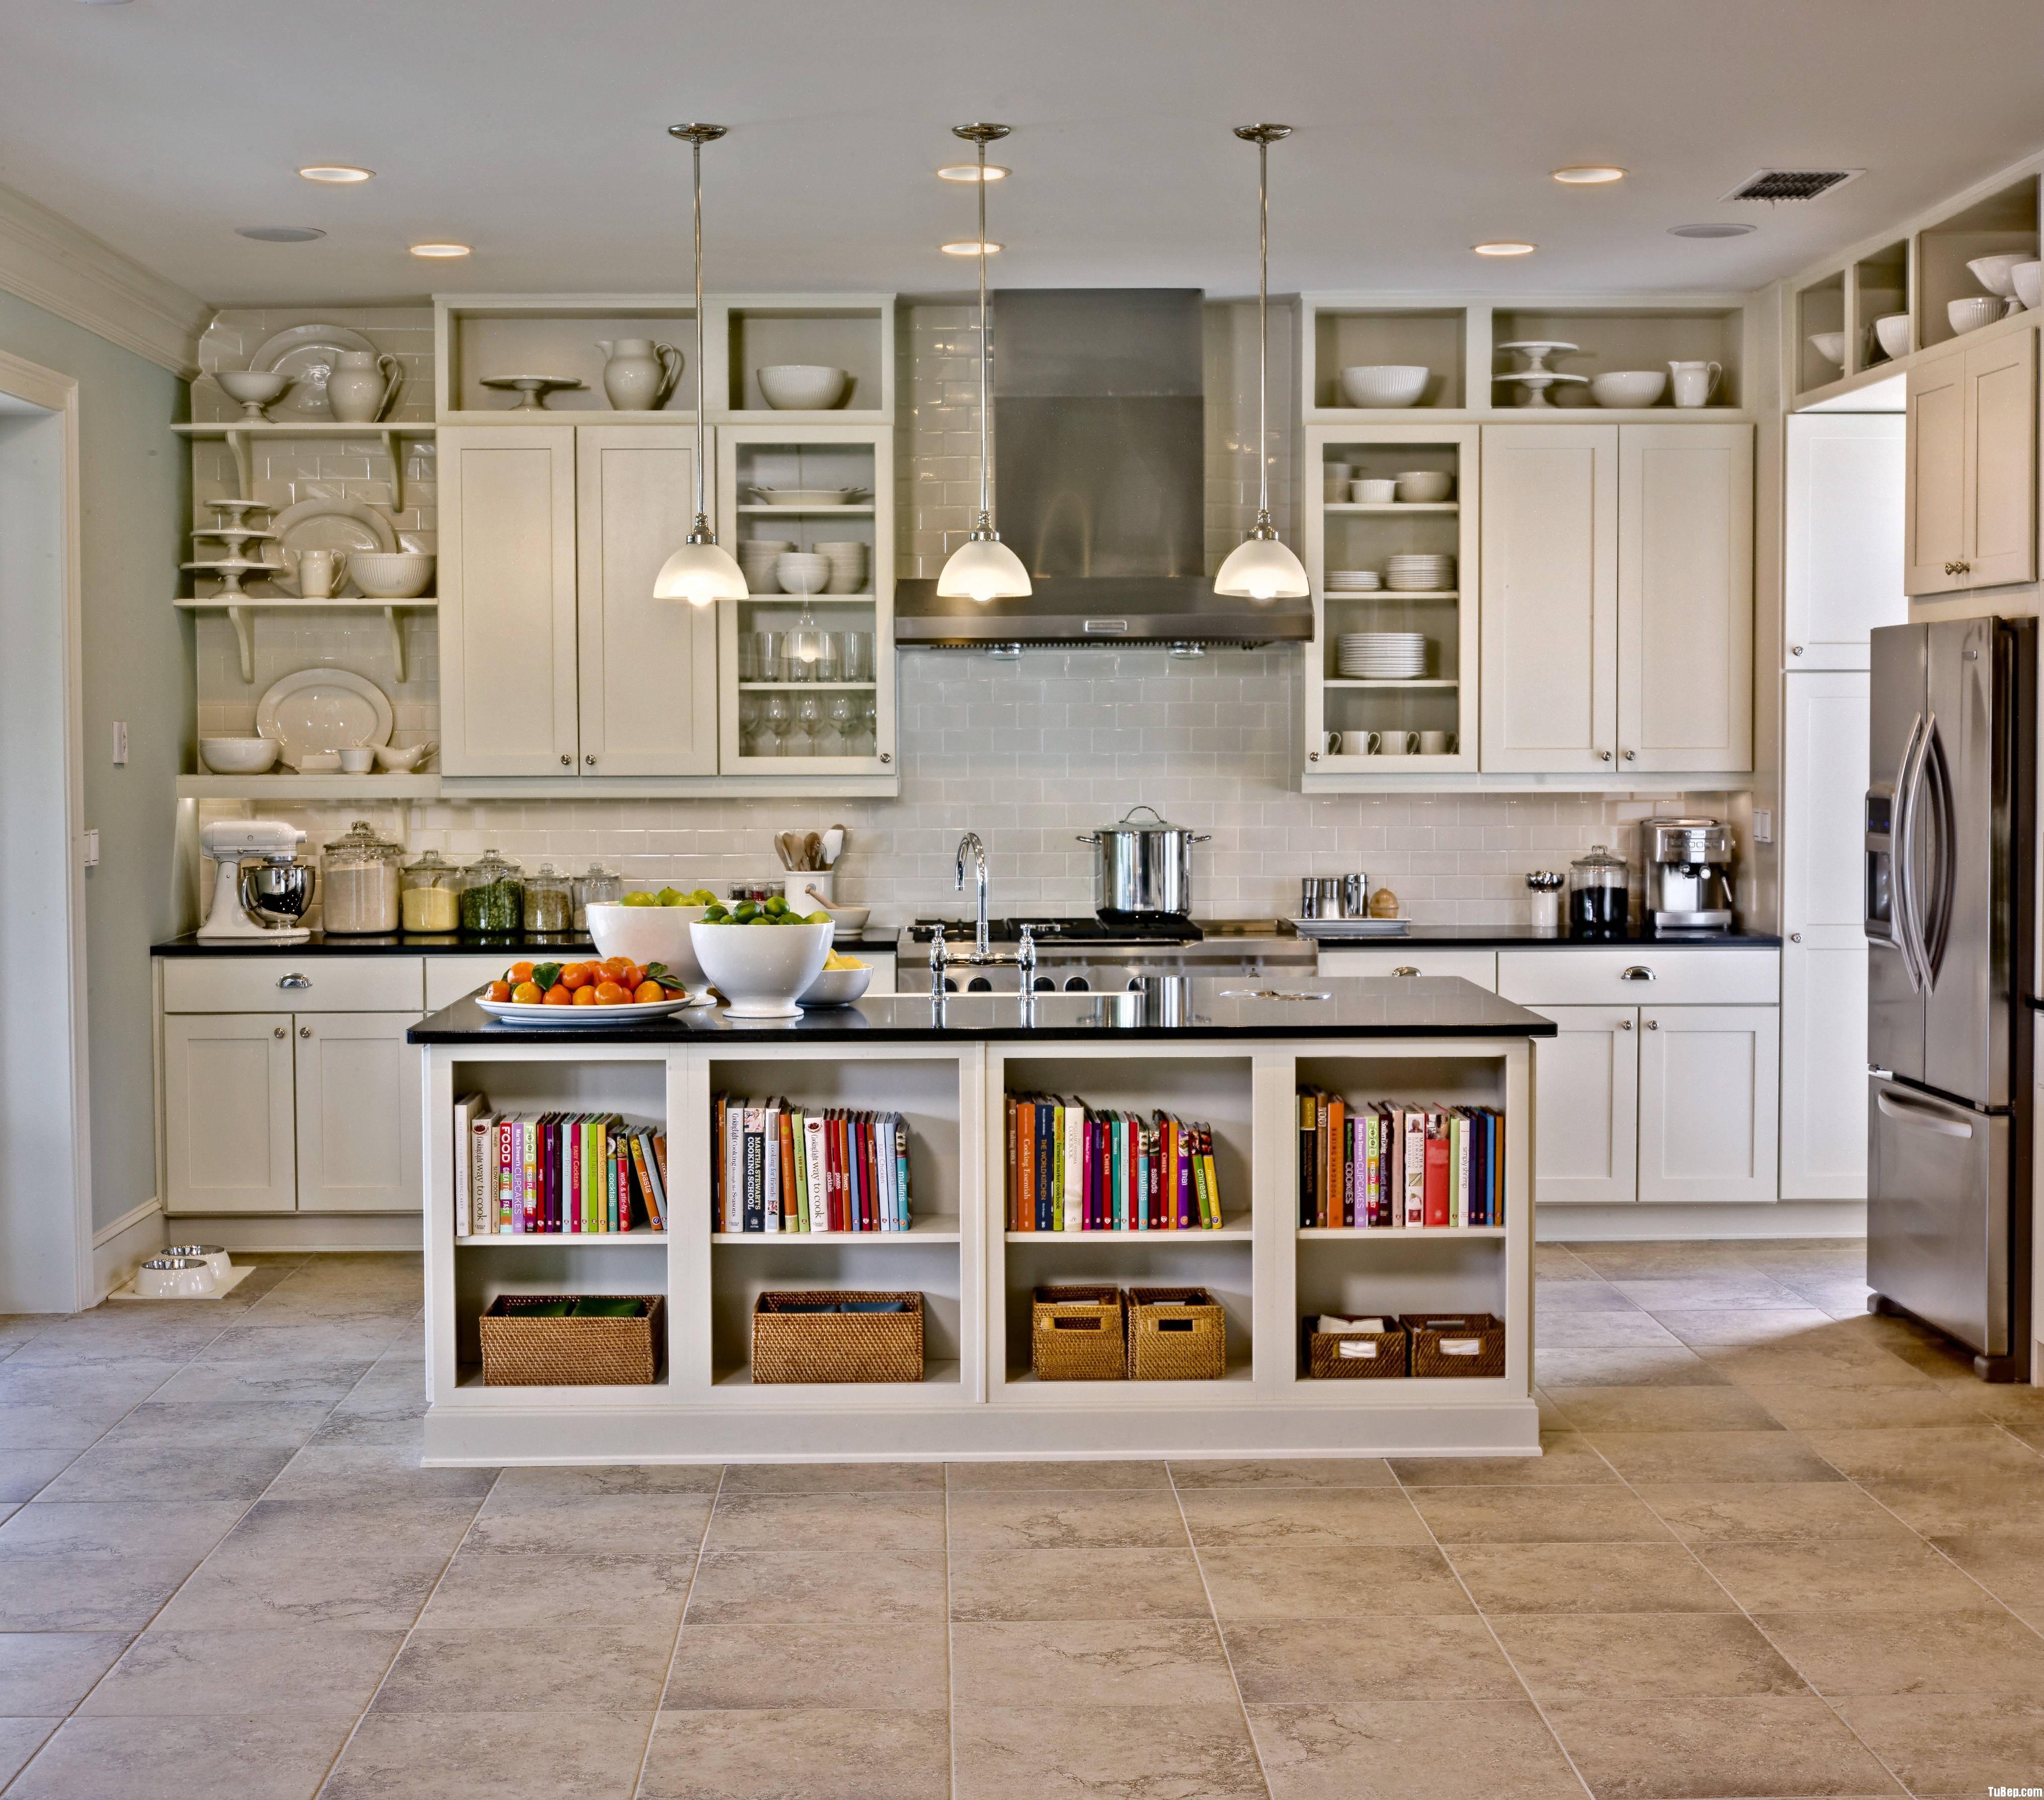 695d36b91ahiên2.jpg Tủ bếp gỗ tự nhiên sơn men trắng có đảo – TVB675